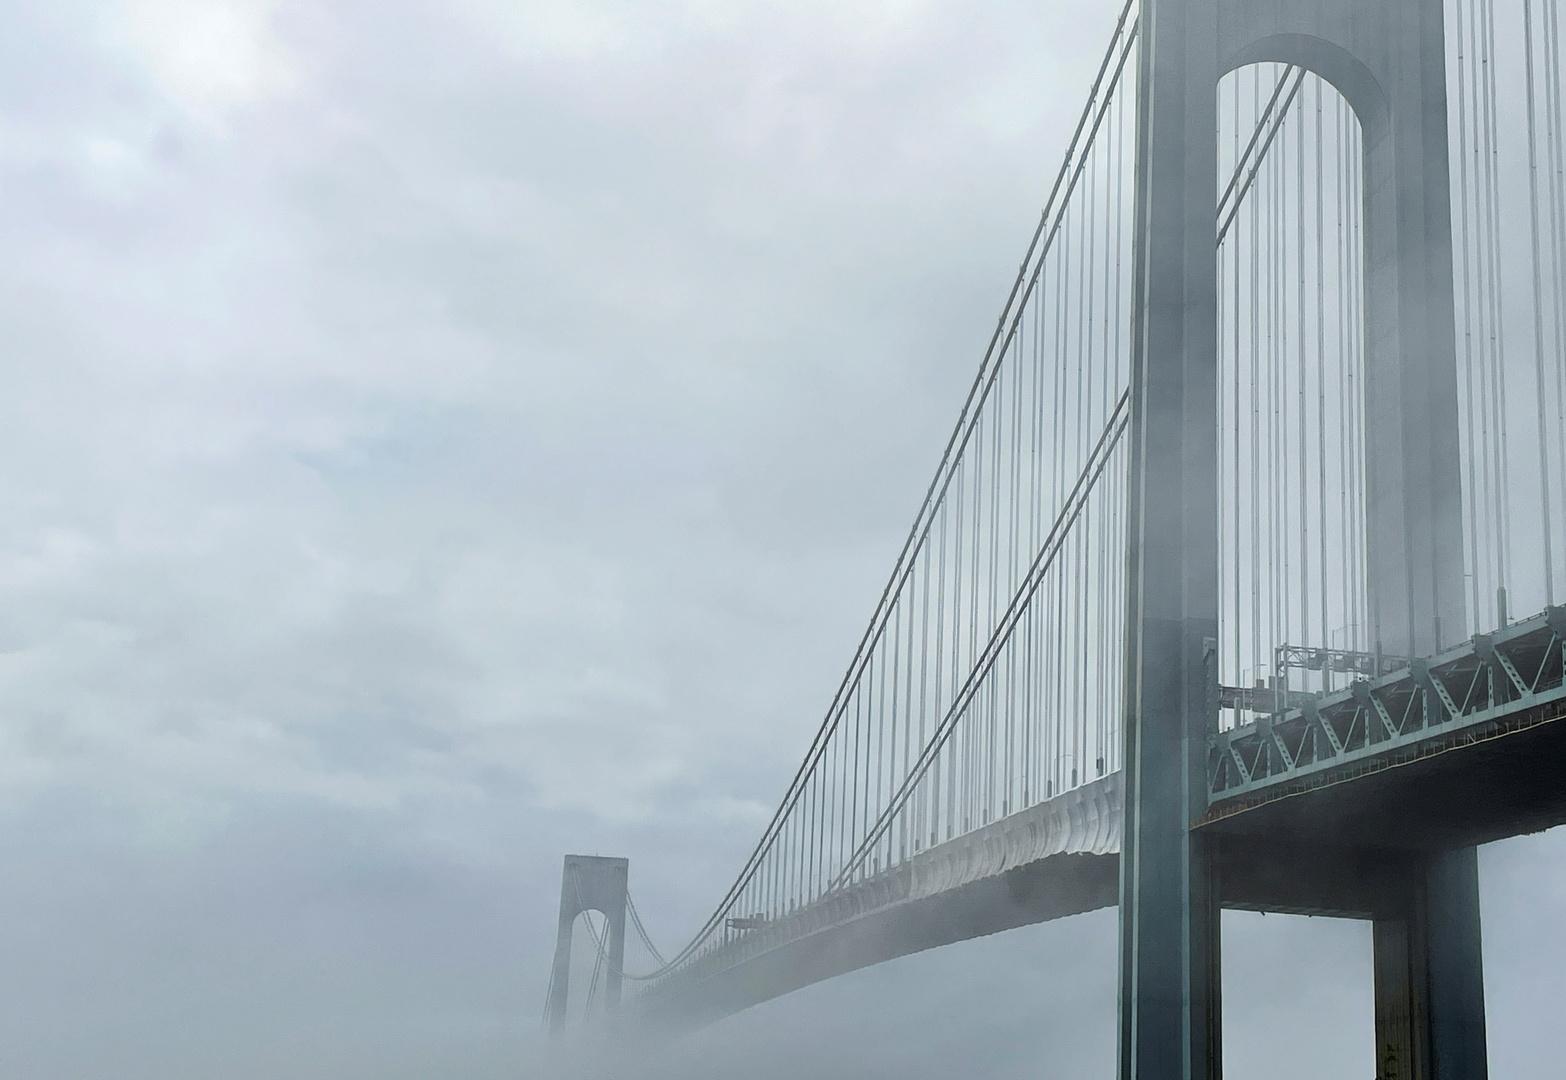 ضباب دخاني يغطي نيويورك بفعل حرائق غرب الولايات المتحدة